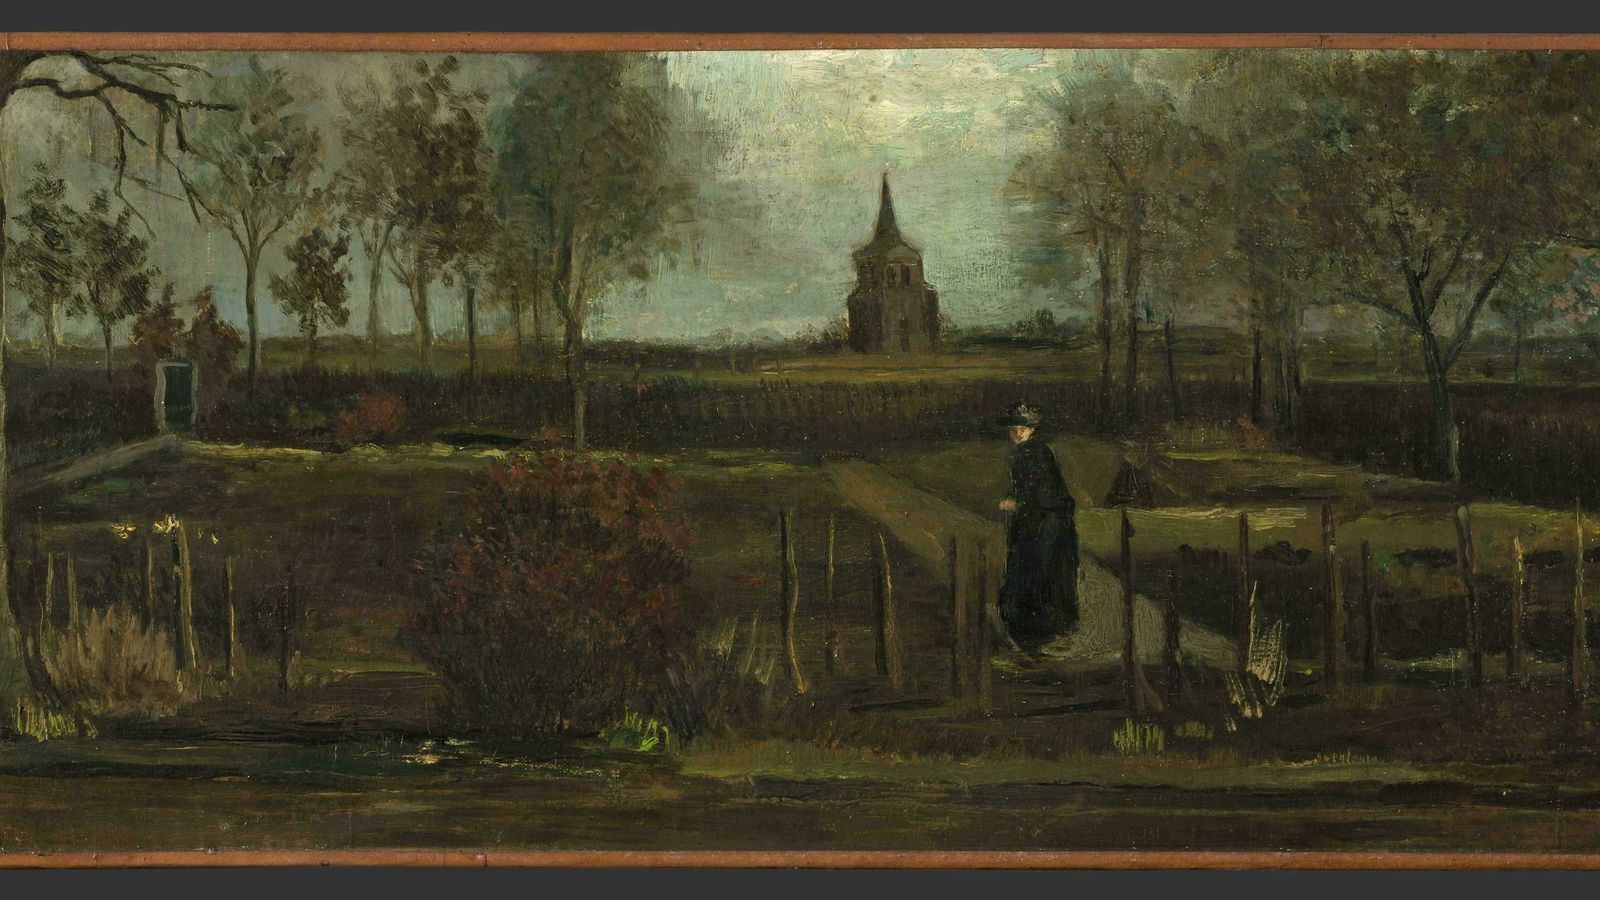 El quadre 'Jardí de primavera' de Vincent Van Gogh, robat  d'un museu holandès